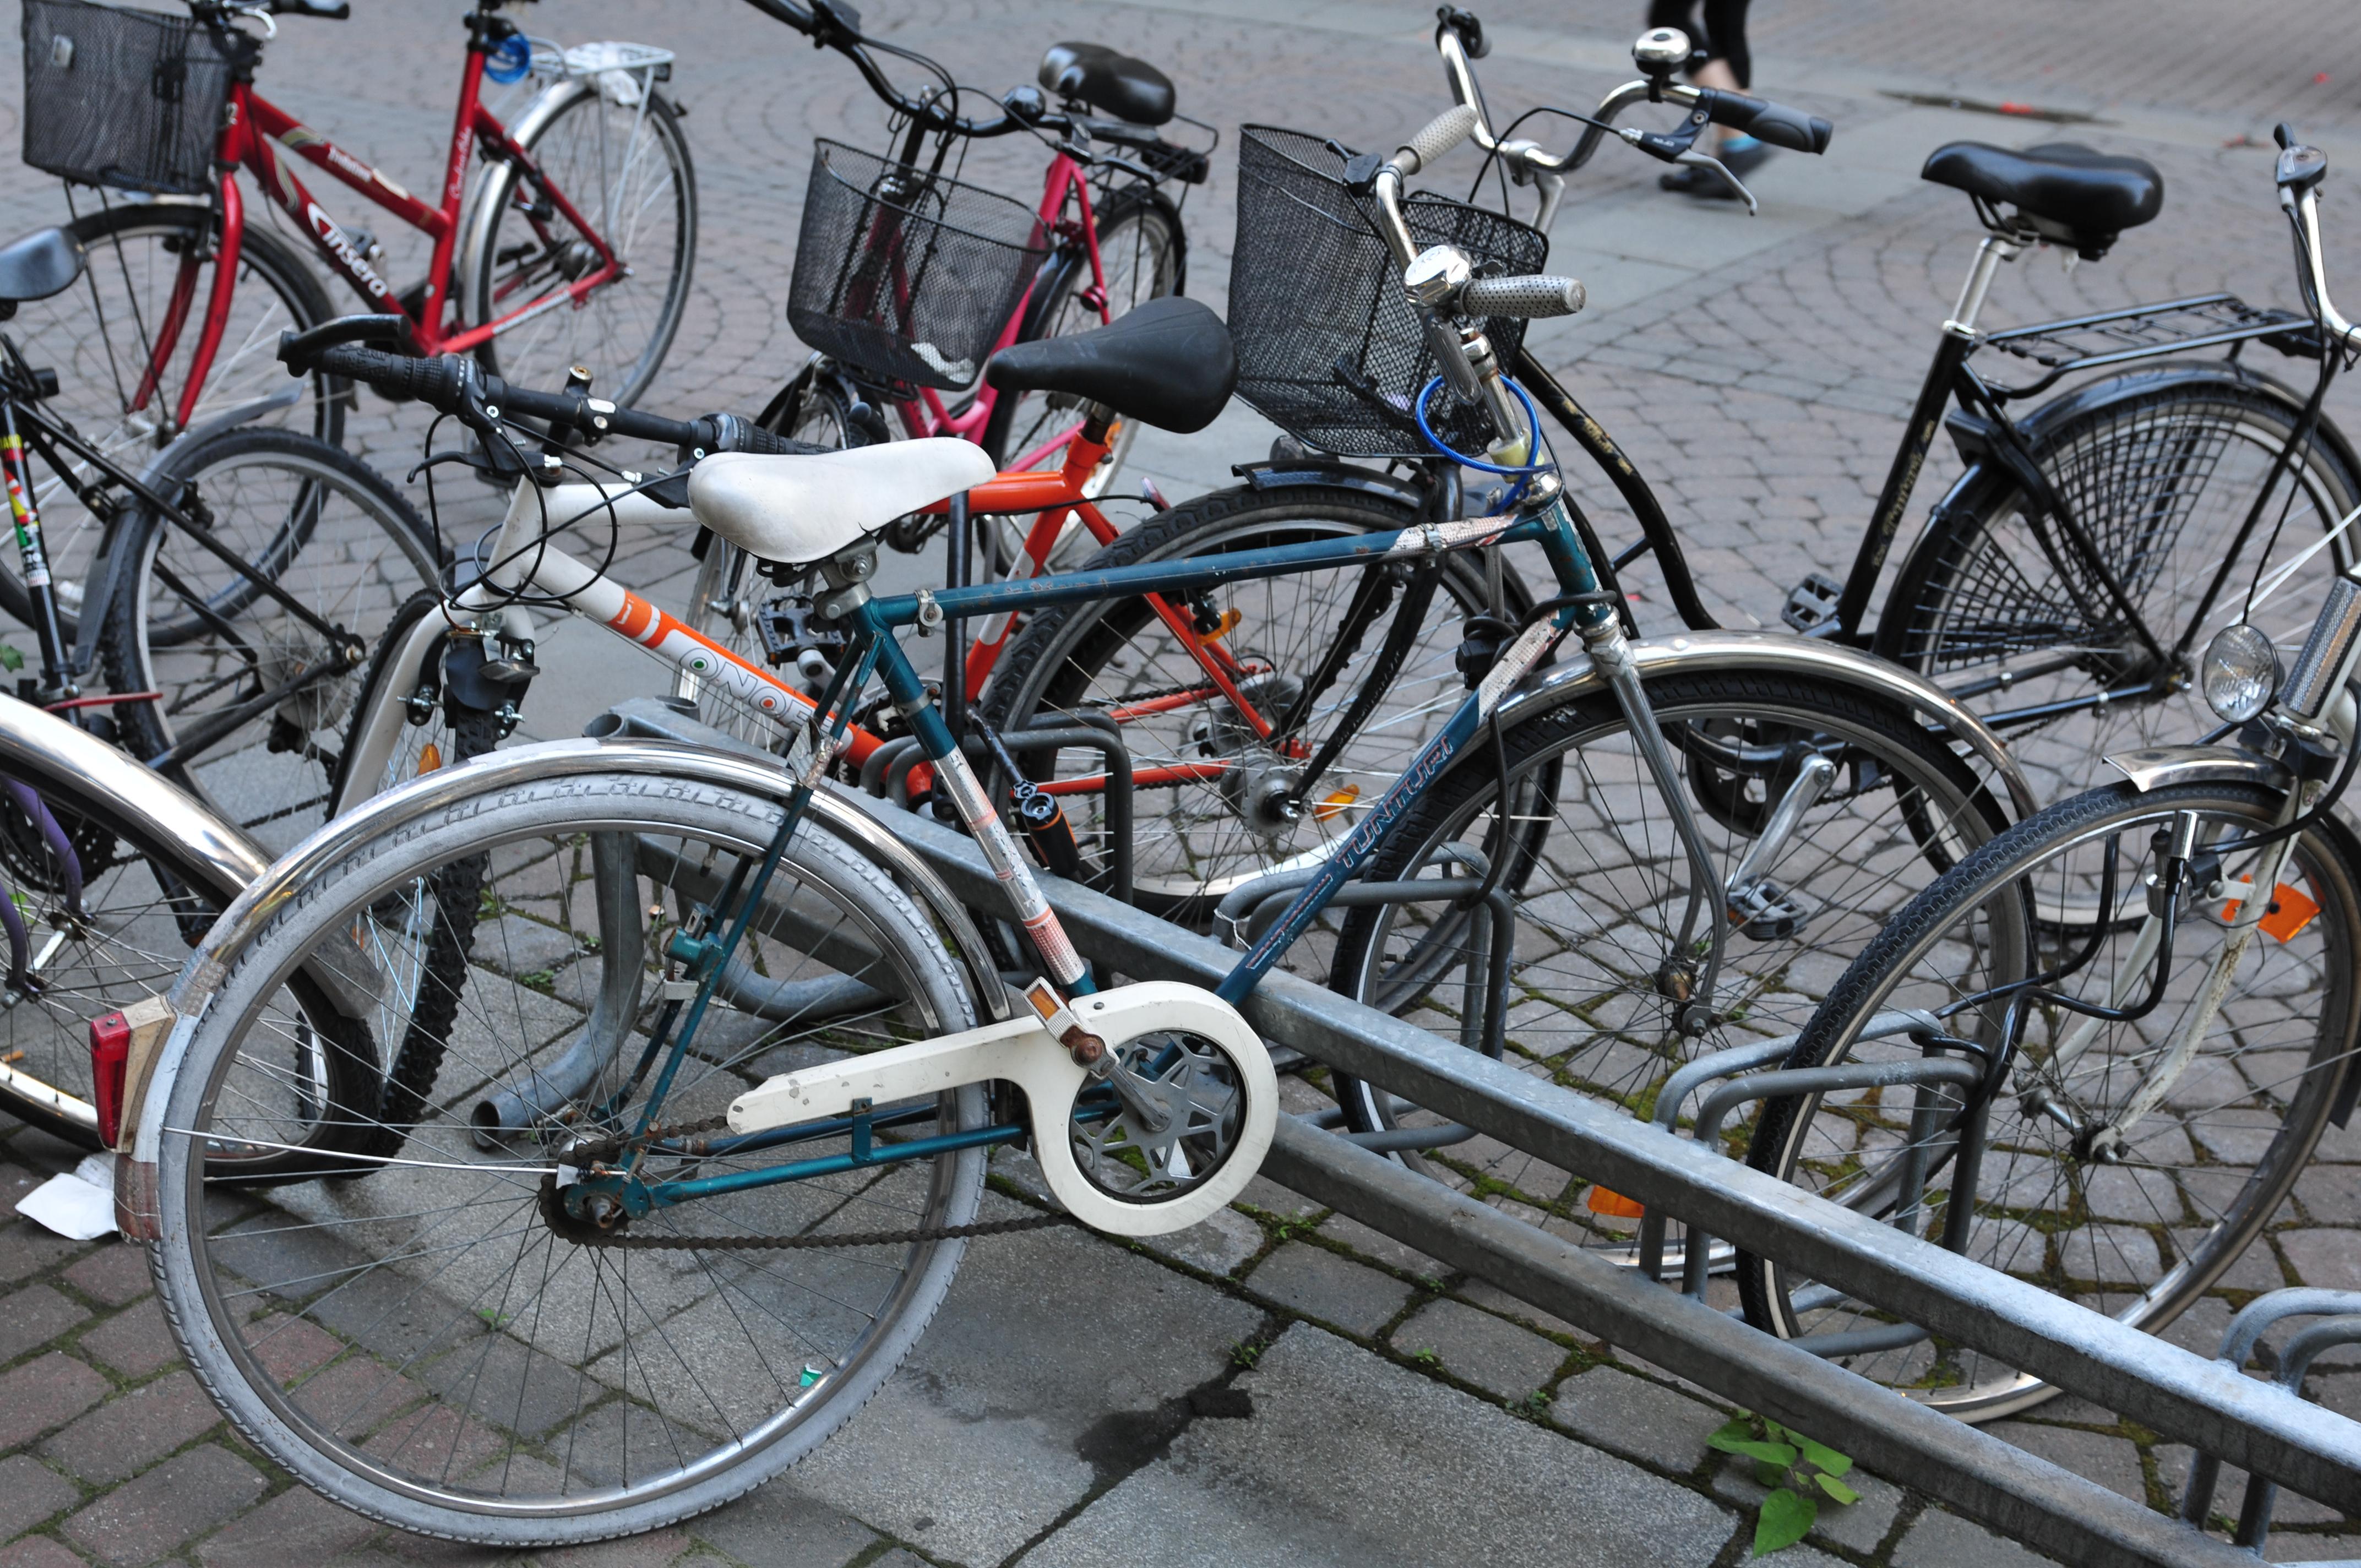 14-08-12-Helsinki-Fahrrad-Tunturi-RalfR-06.jpg